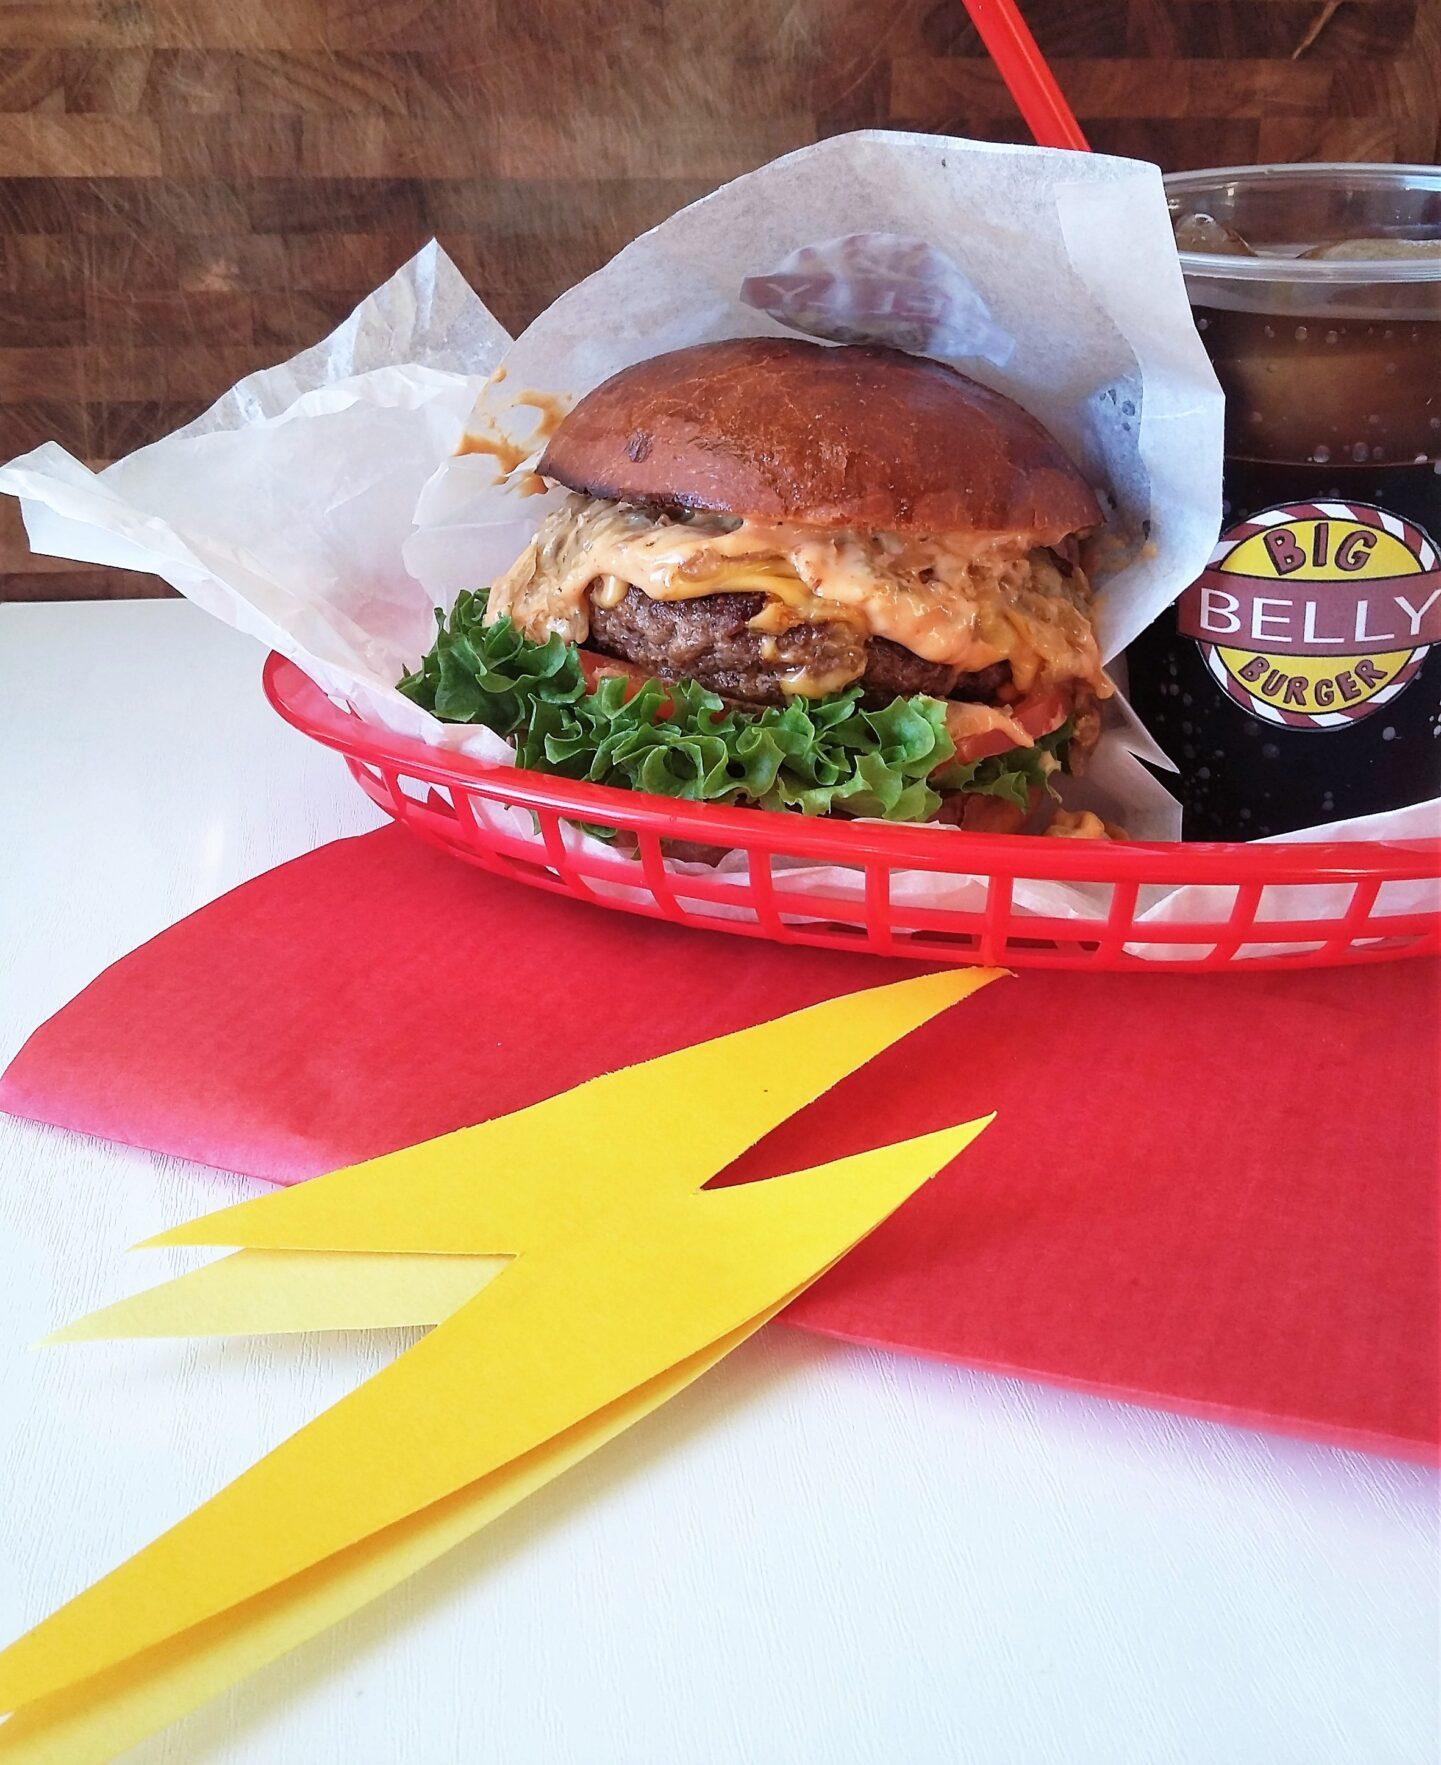 Big Belly Burgeren fra DC